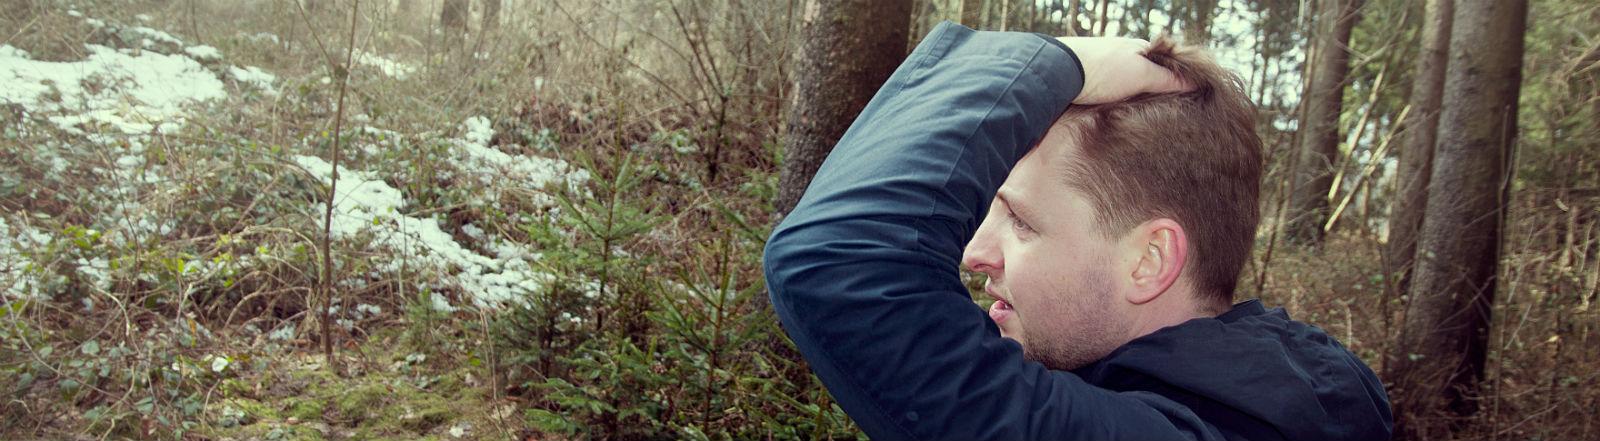 Ein junger Mann steht im Wald und rauft sich die Haare.